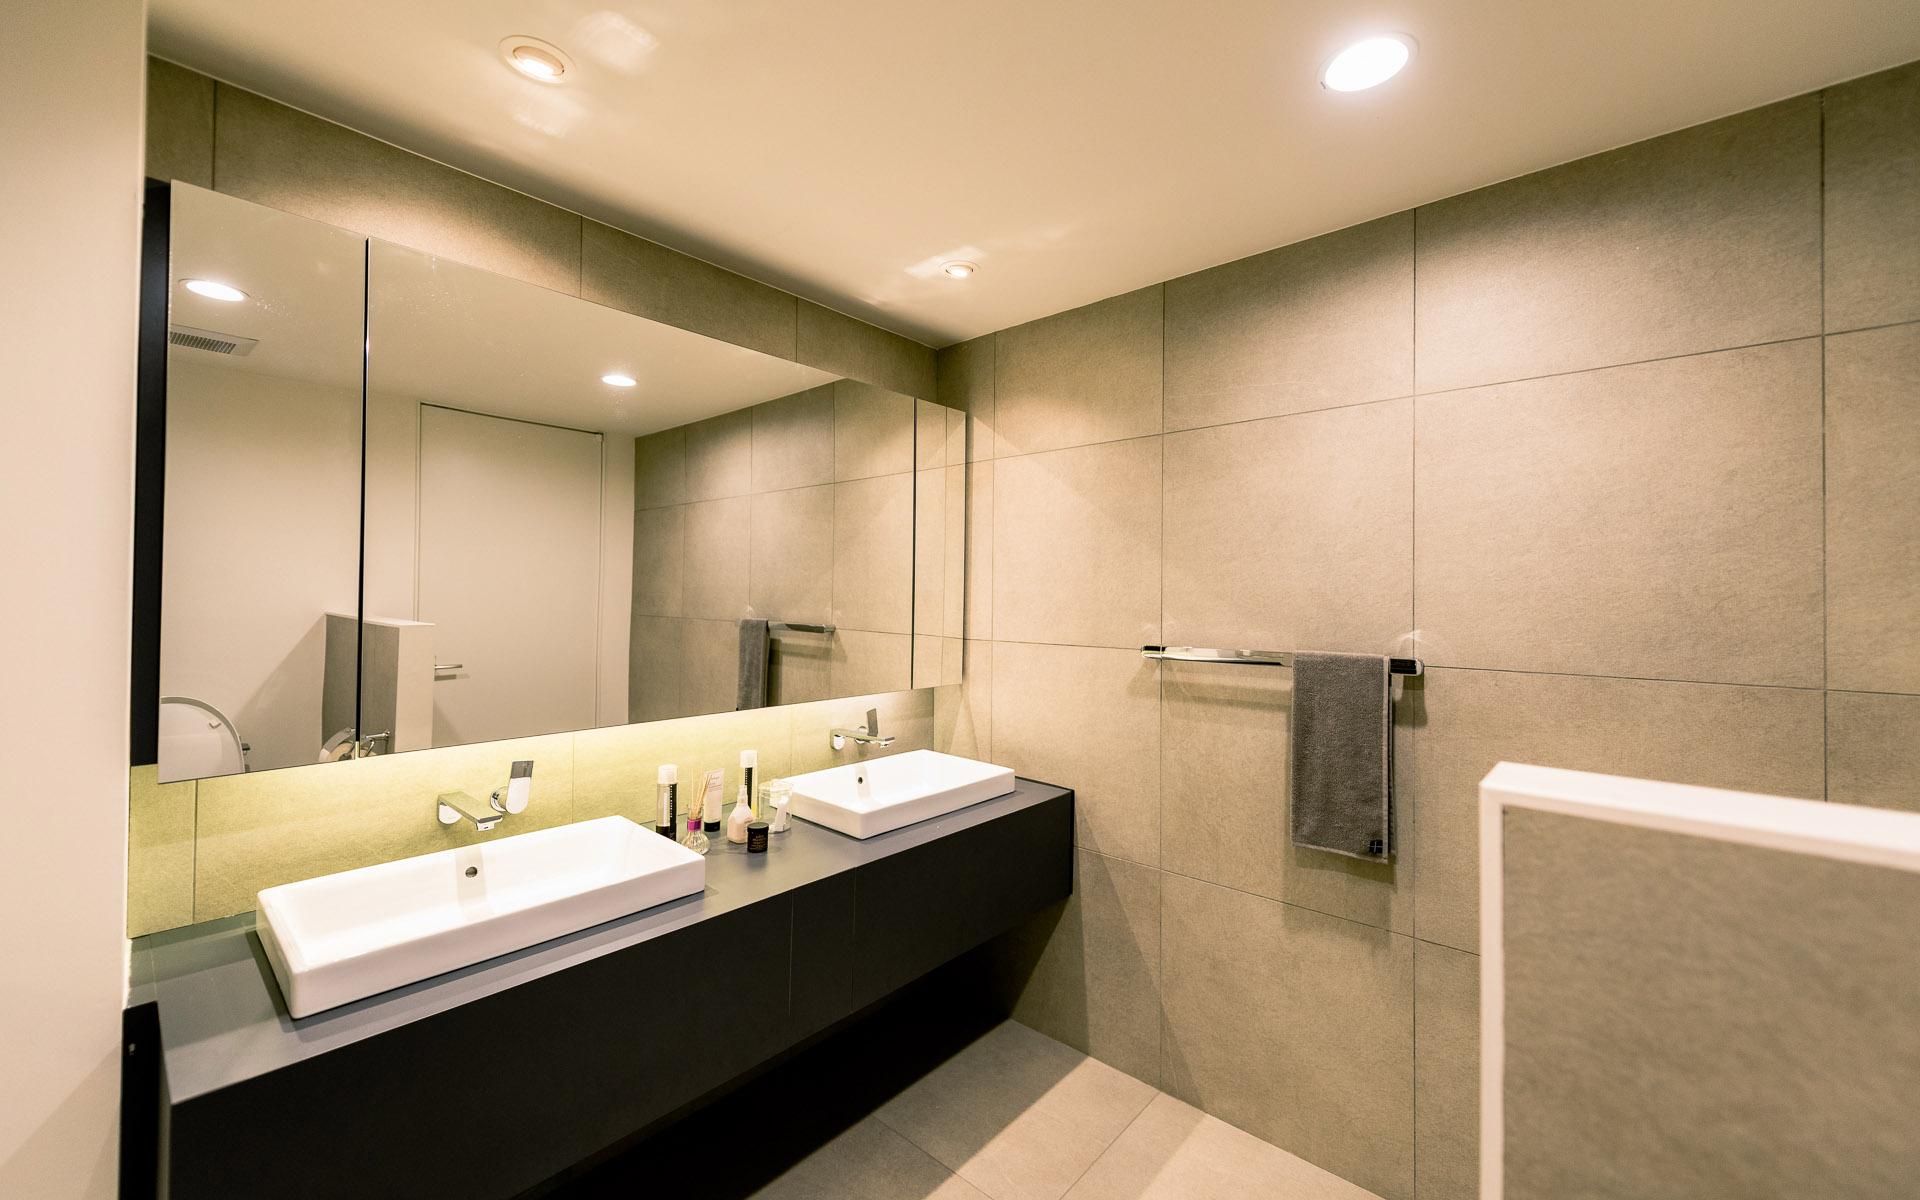 Угаалгын өрөө